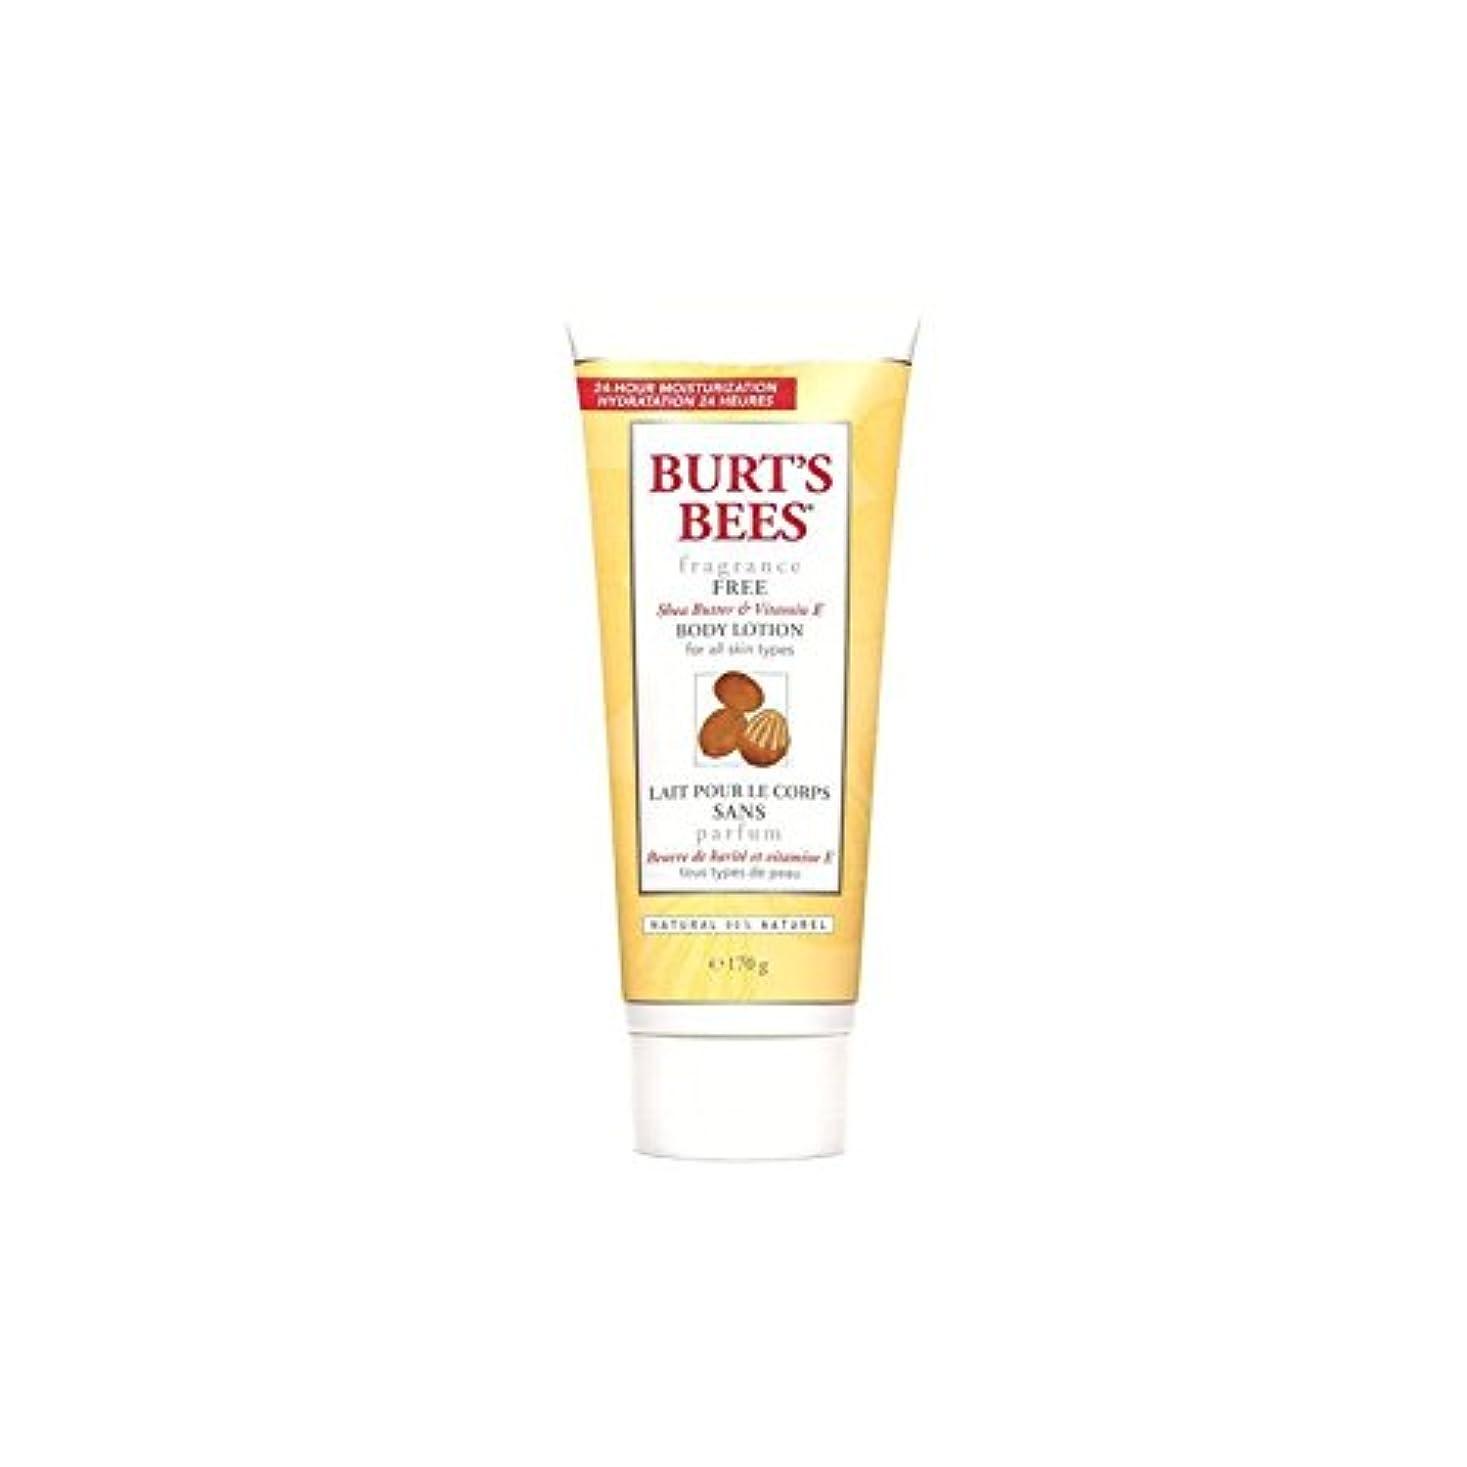 カスケード酒自分のバーツビーボディローション - 無香料6オンス x4 - Burt's Bees Body Lotion - Fragrance Free 6fl oz (Pack of 4) [並行輸入品]